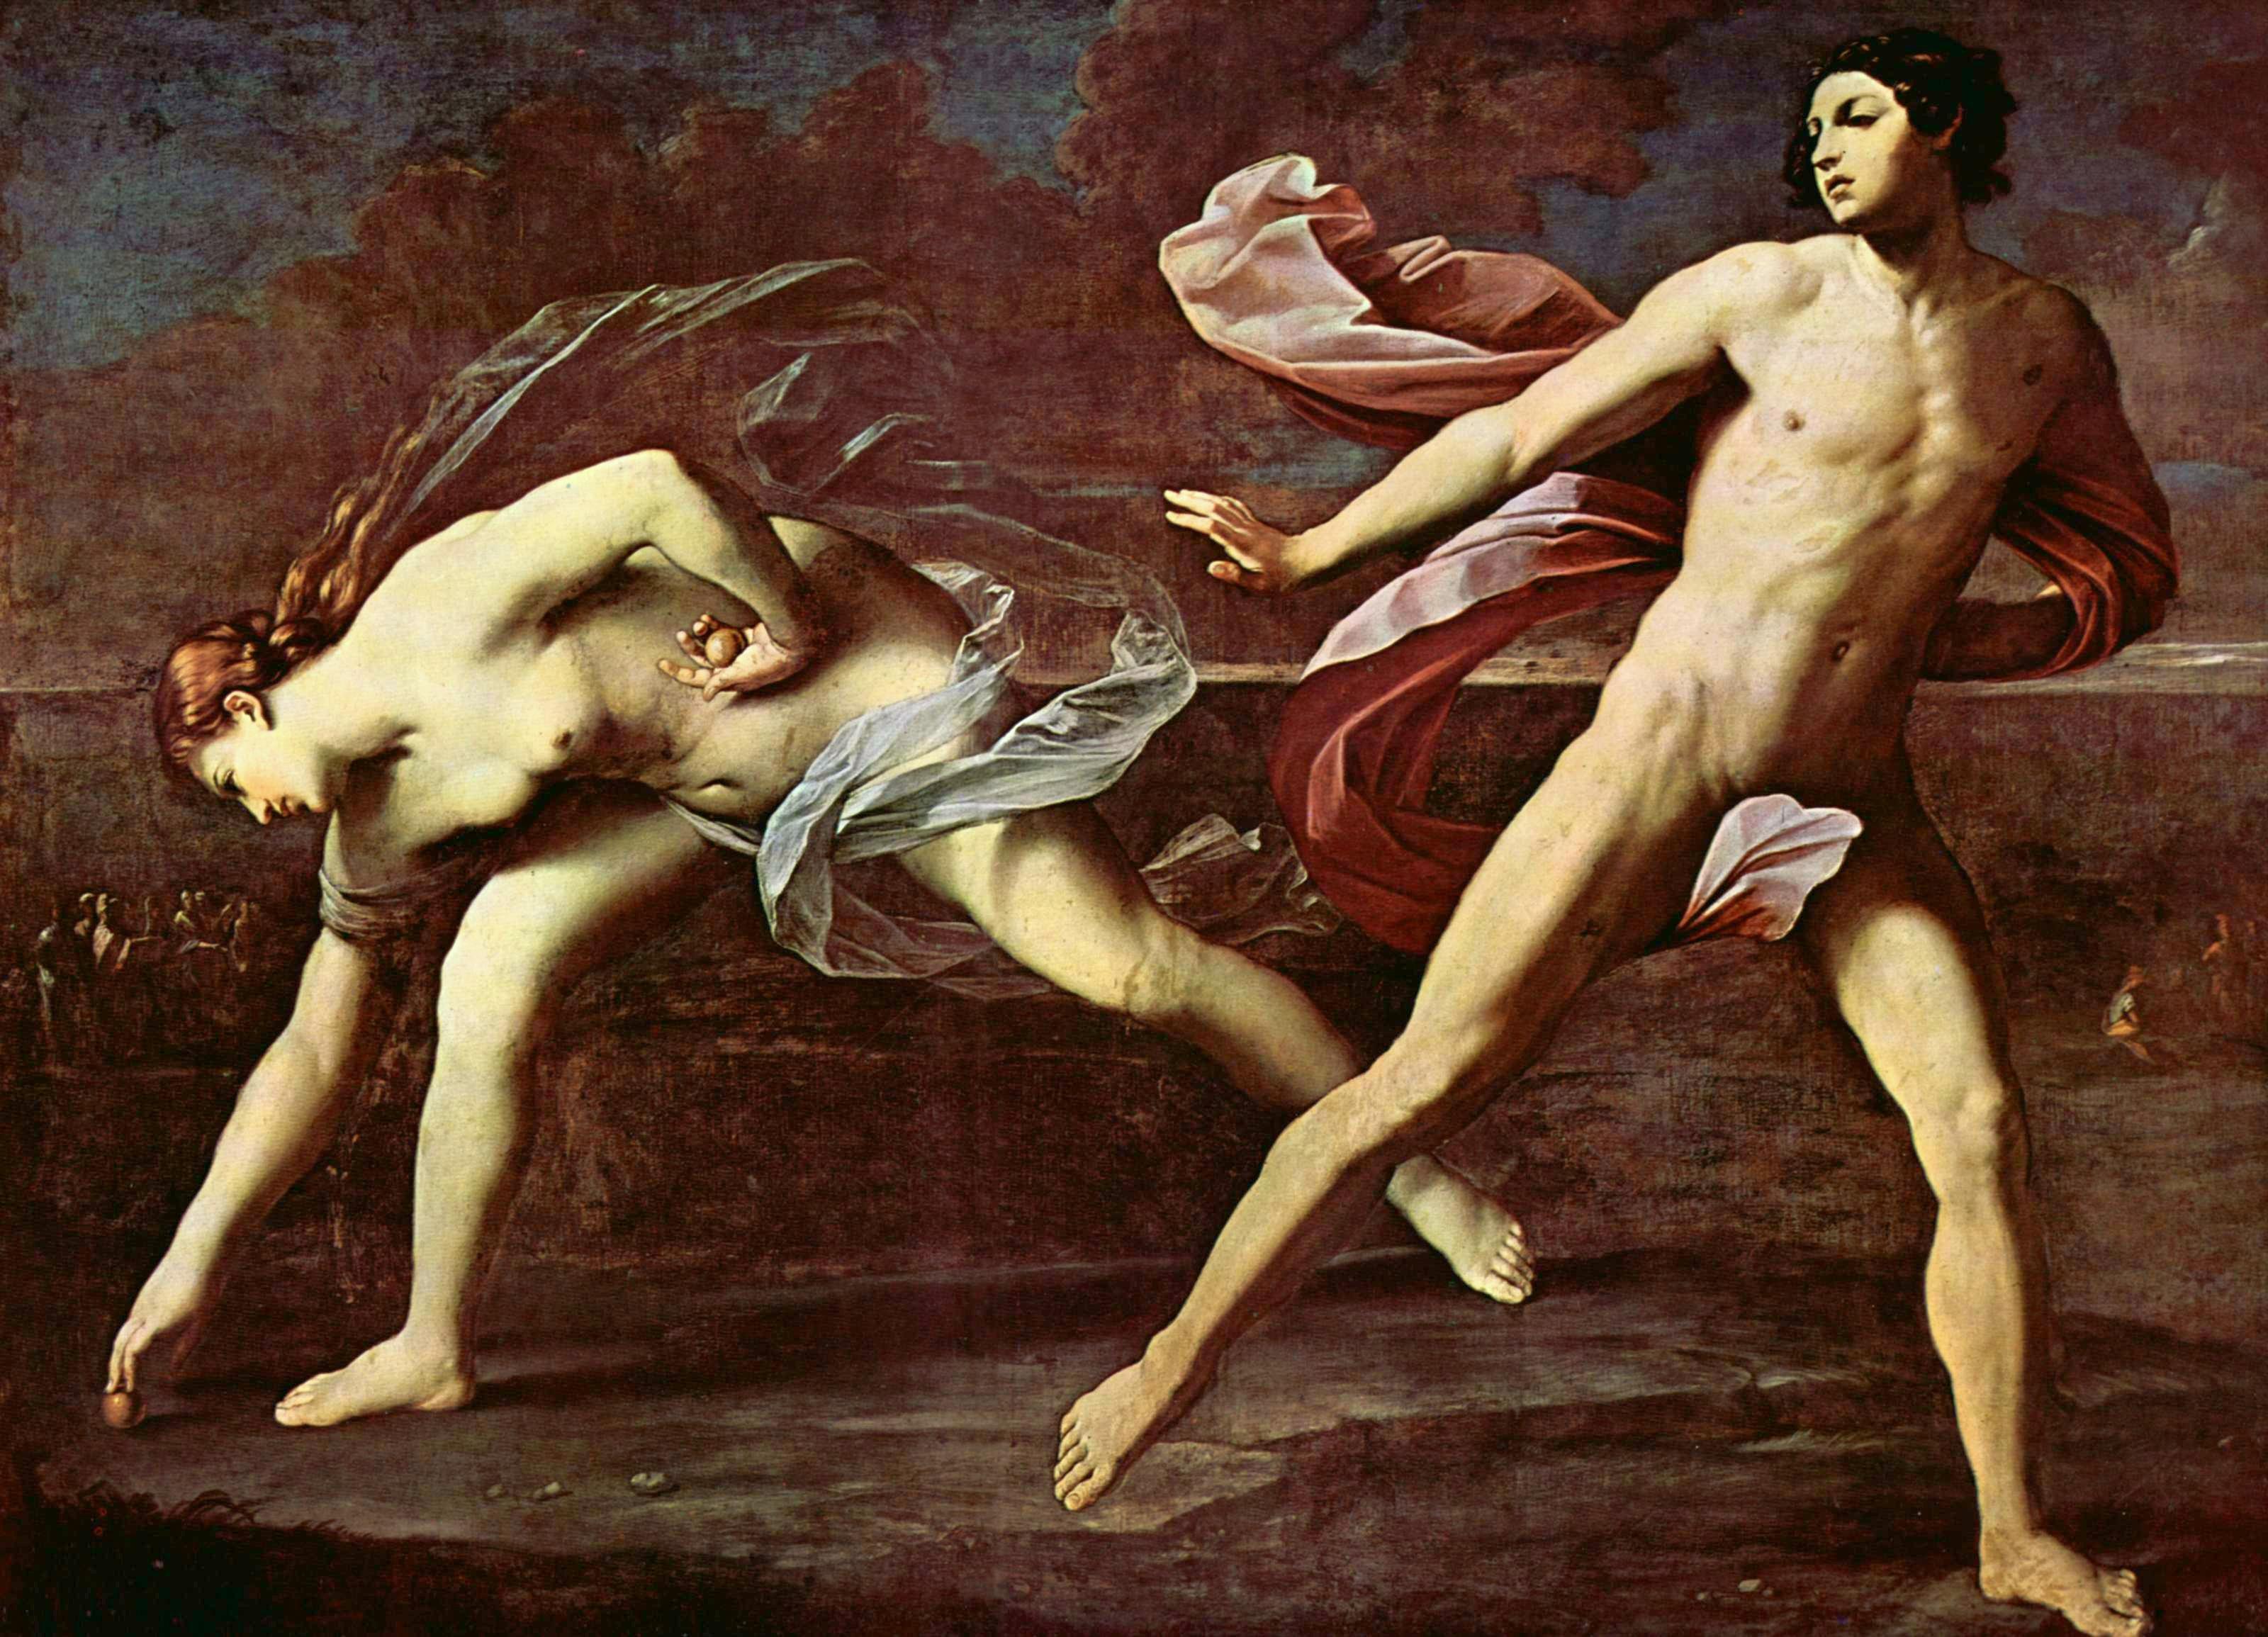 Mito Barocco Reni Pittura